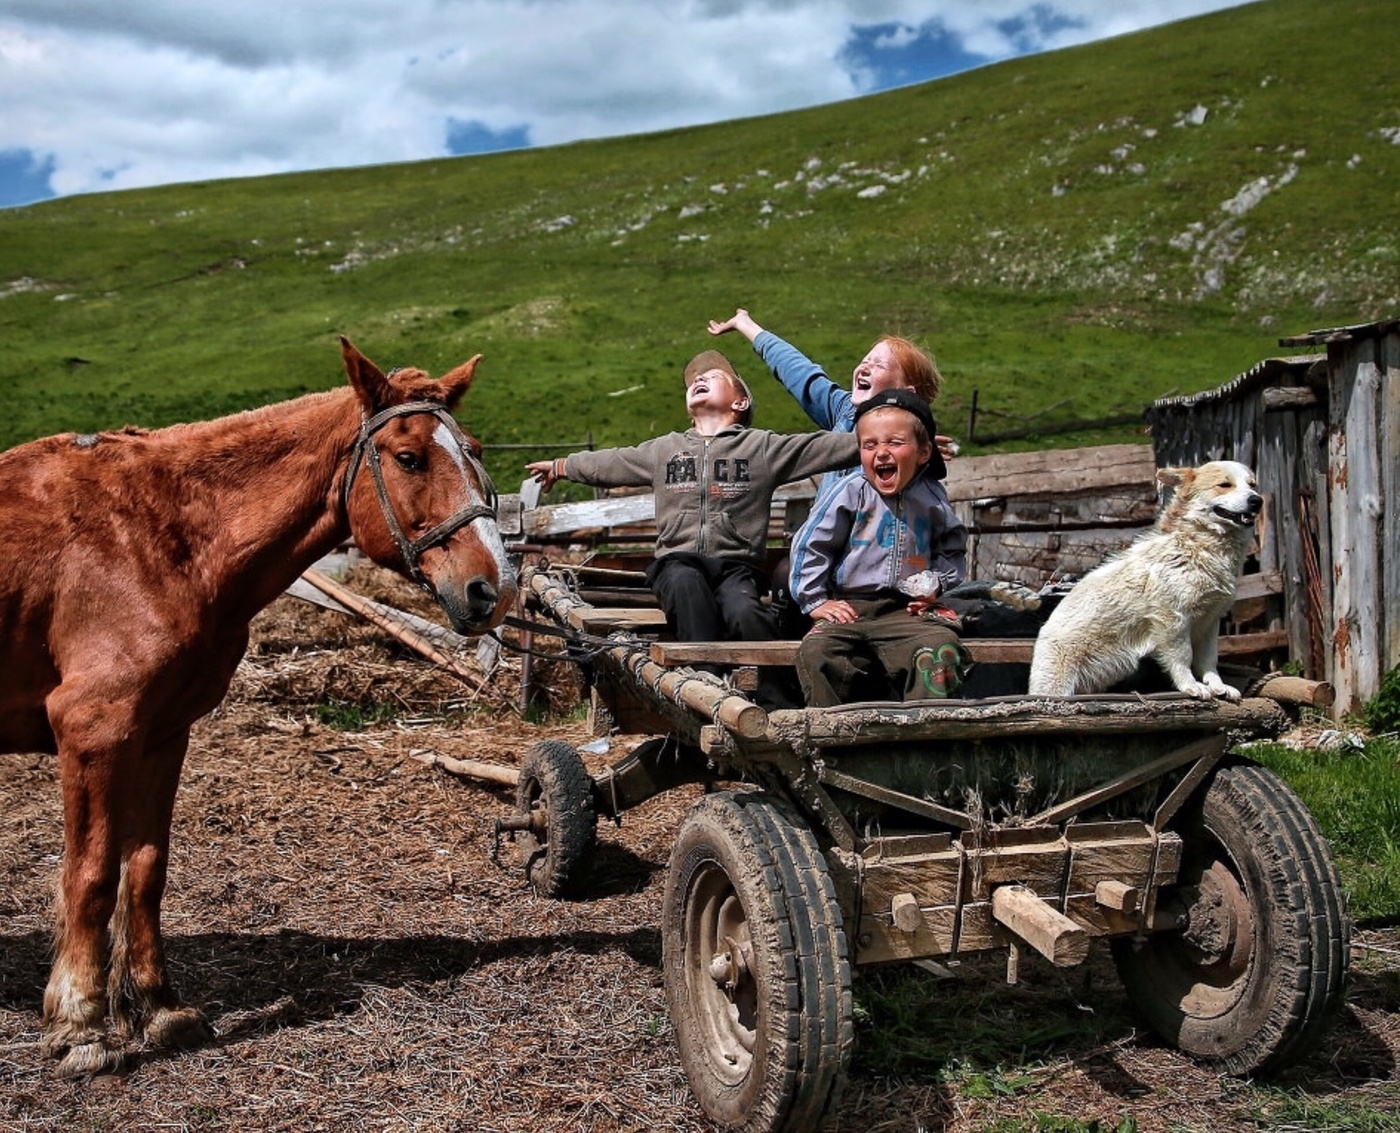 Смешные картинки из сельской жизни